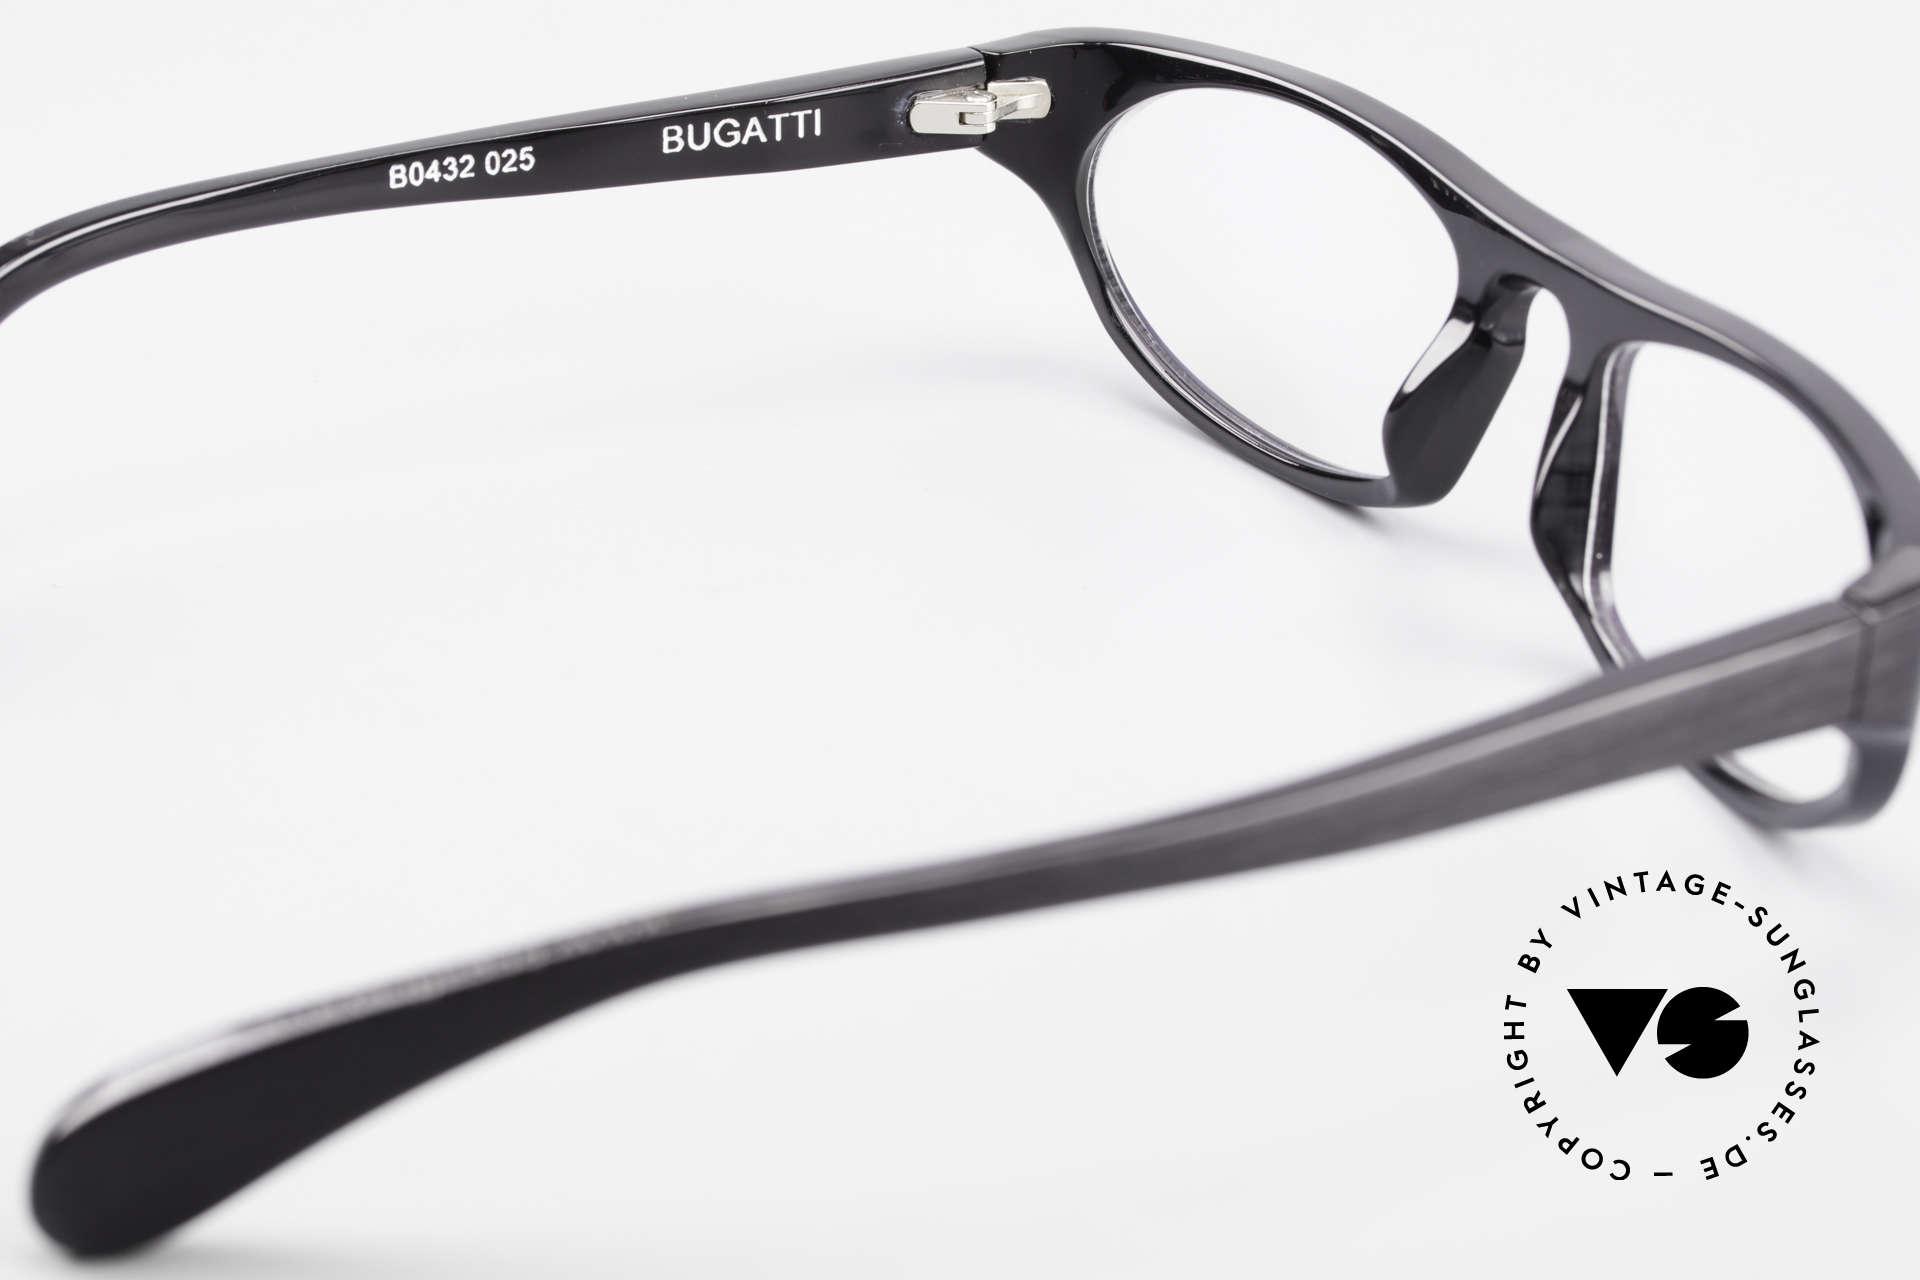 Bugatti 432 Vintage Brille Klassisch Men, Größe: medium, Passend für Herren